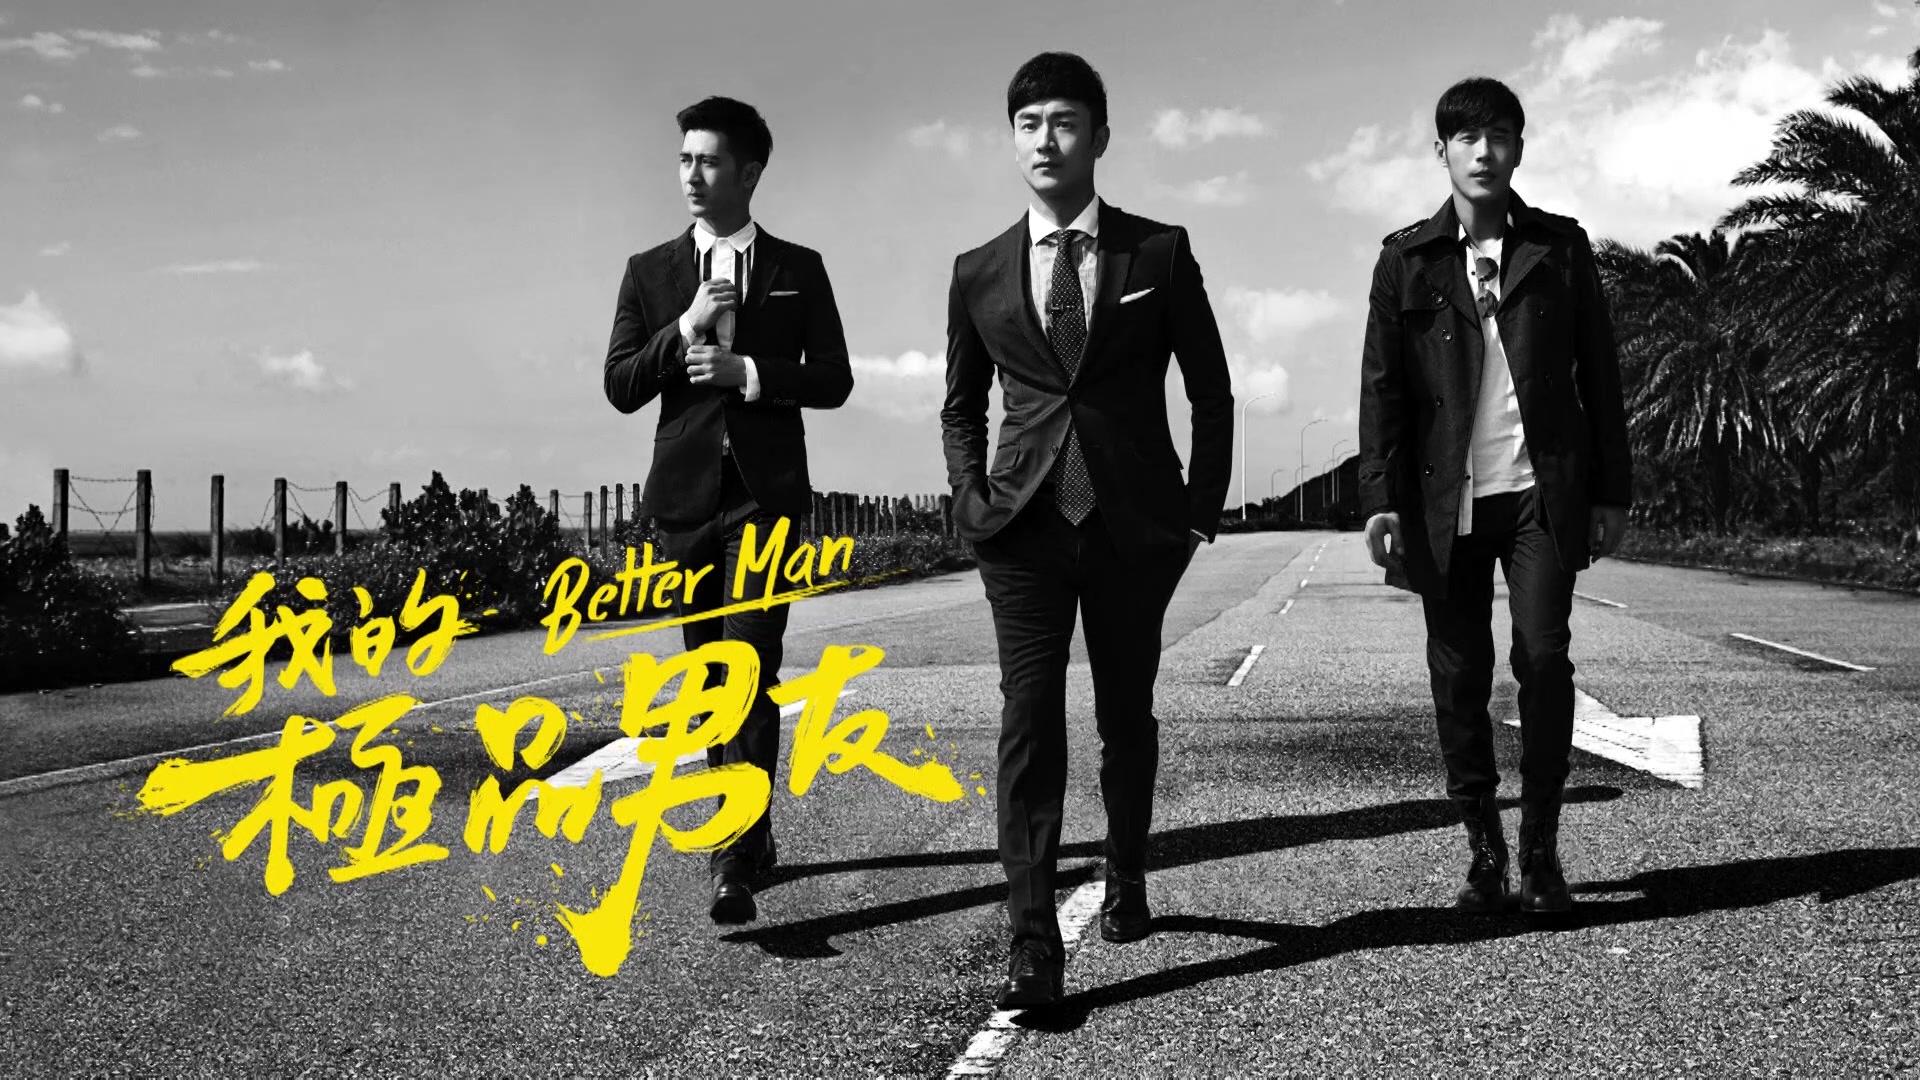 Trailer 2: Better Man